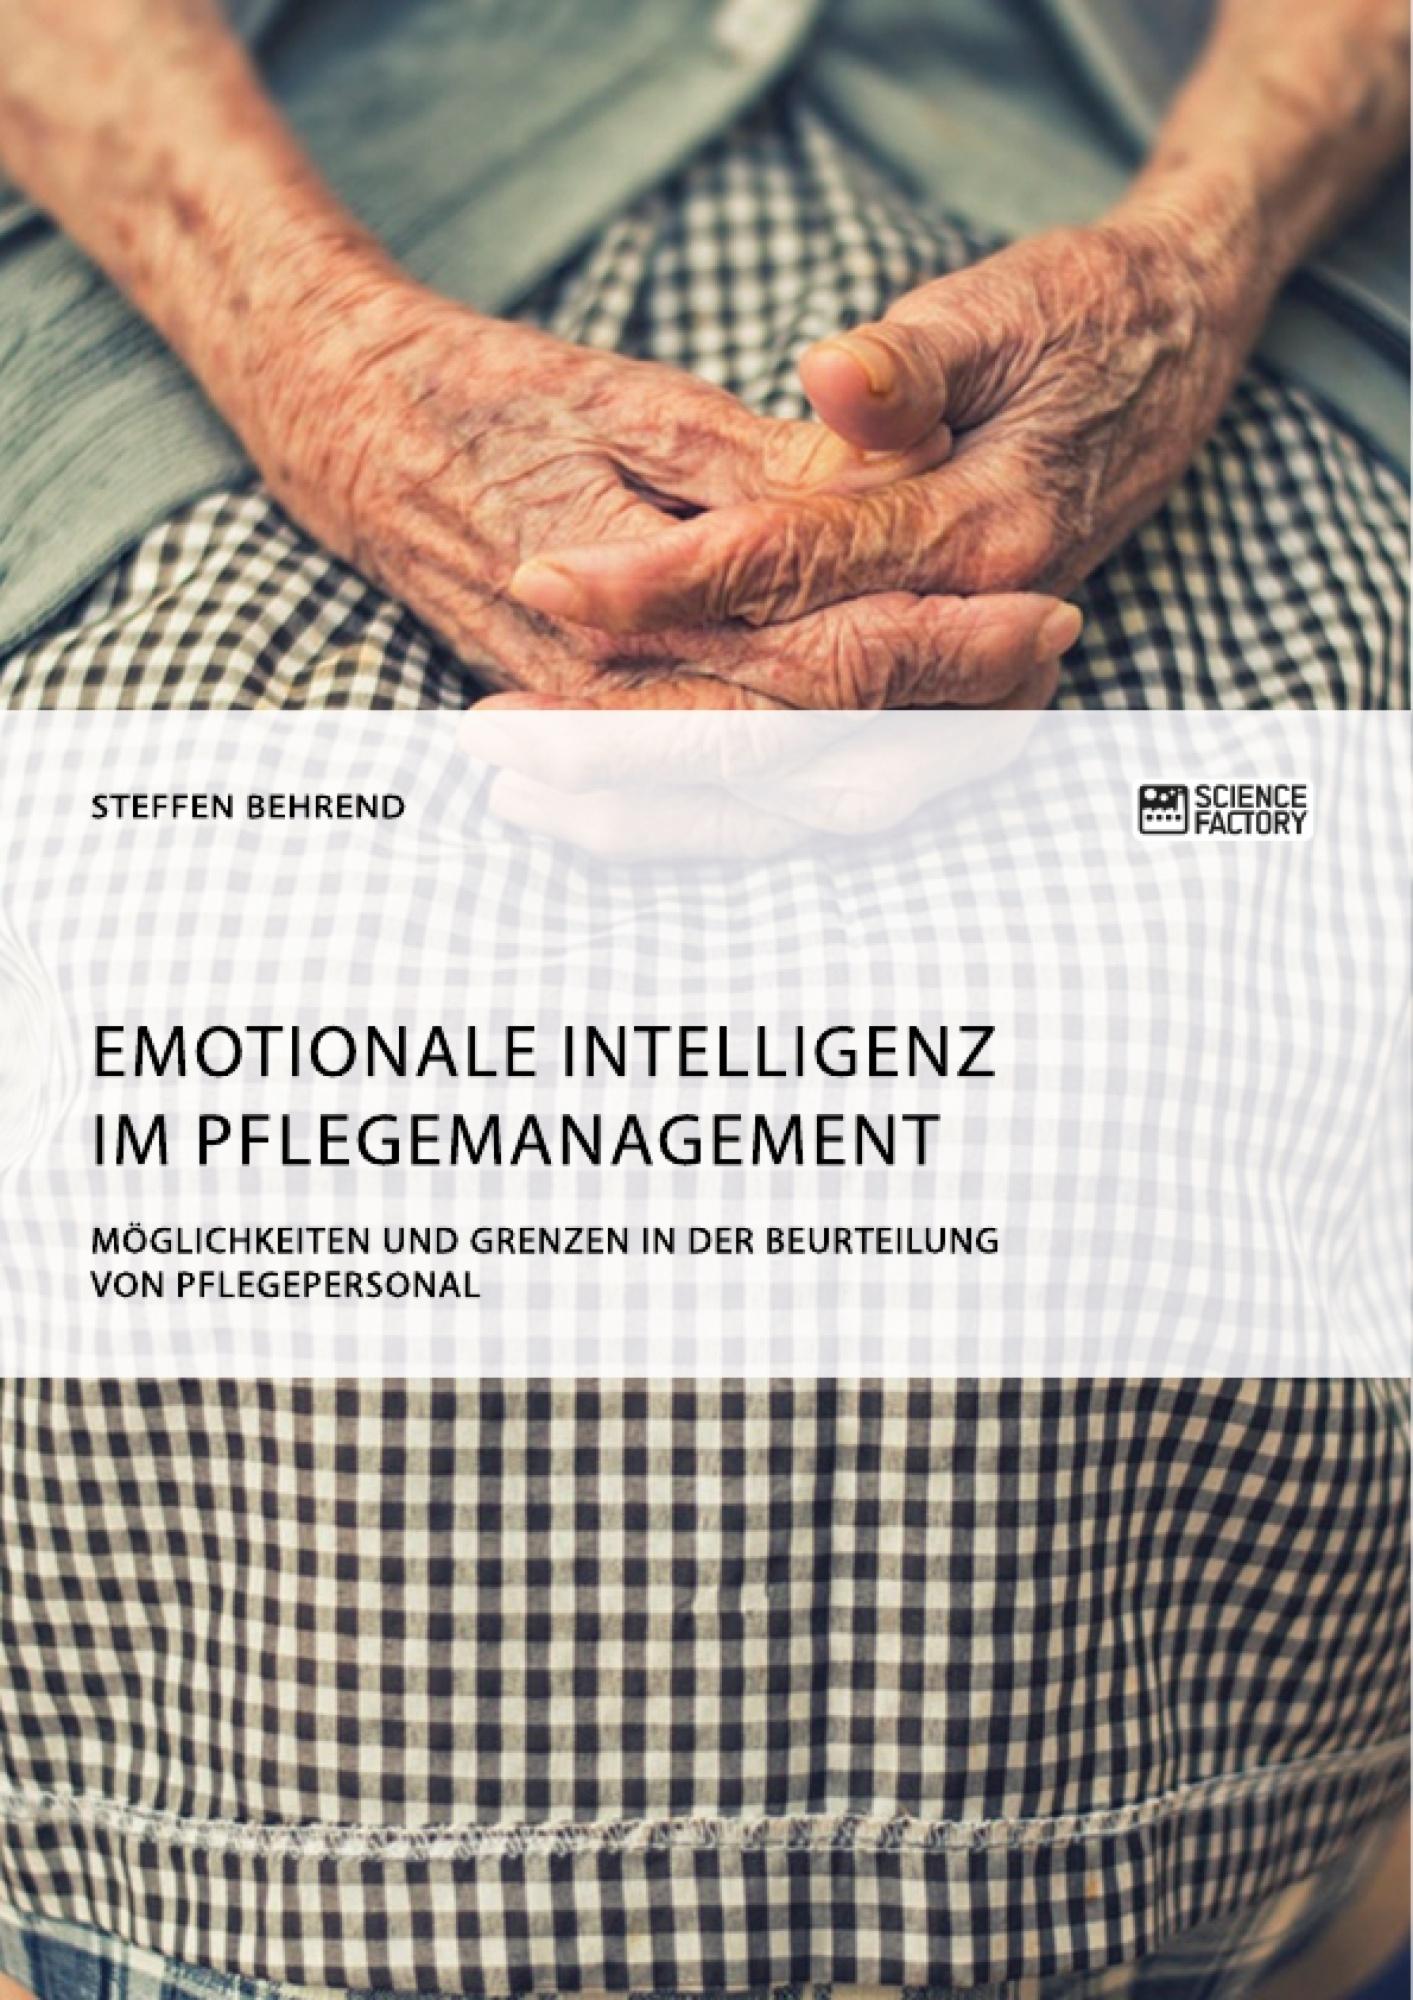 Titel: Emotionale Intelligenz im Pflegemanagement. Möglichkeiten und Grenzen in der Beurteilung von Pflegepersonal